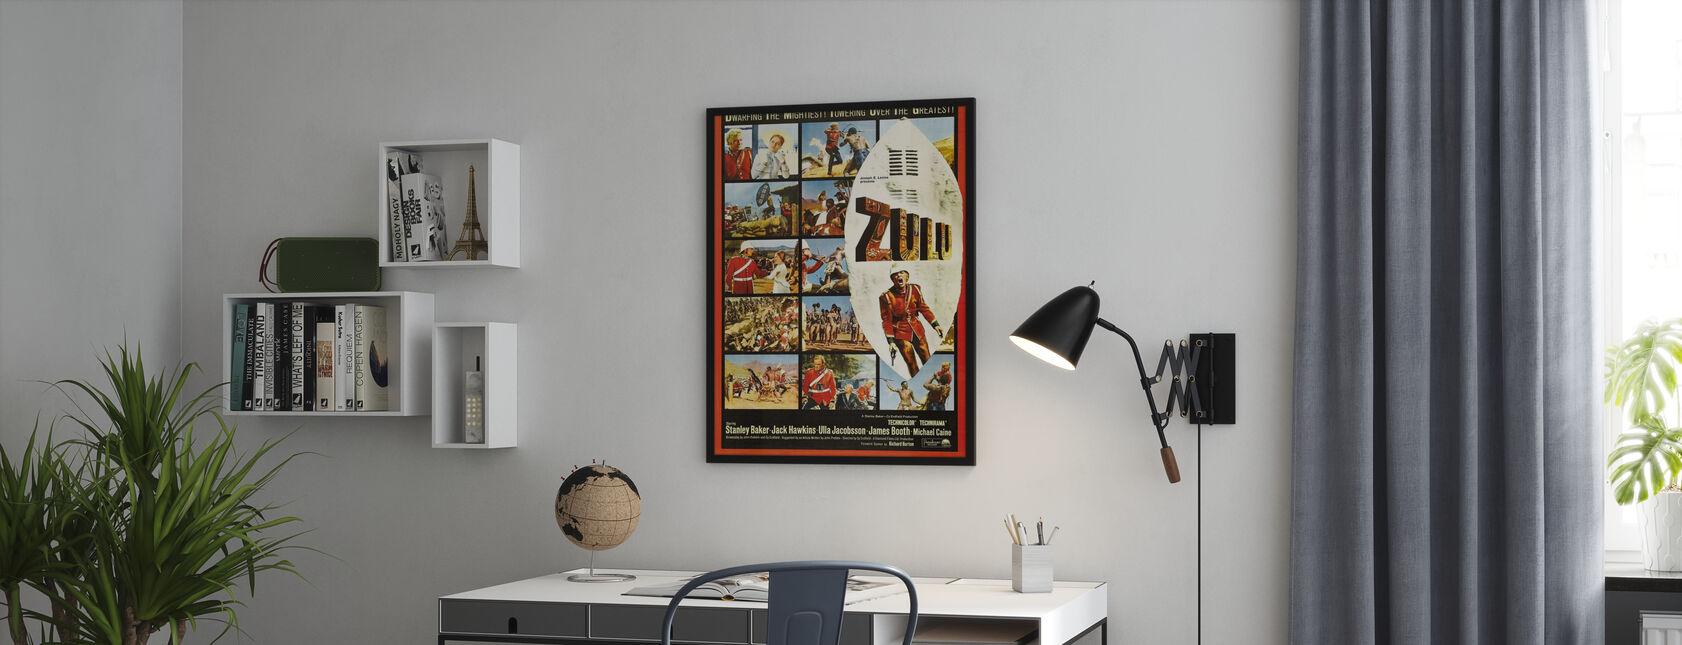 Zulu - Poster - Office